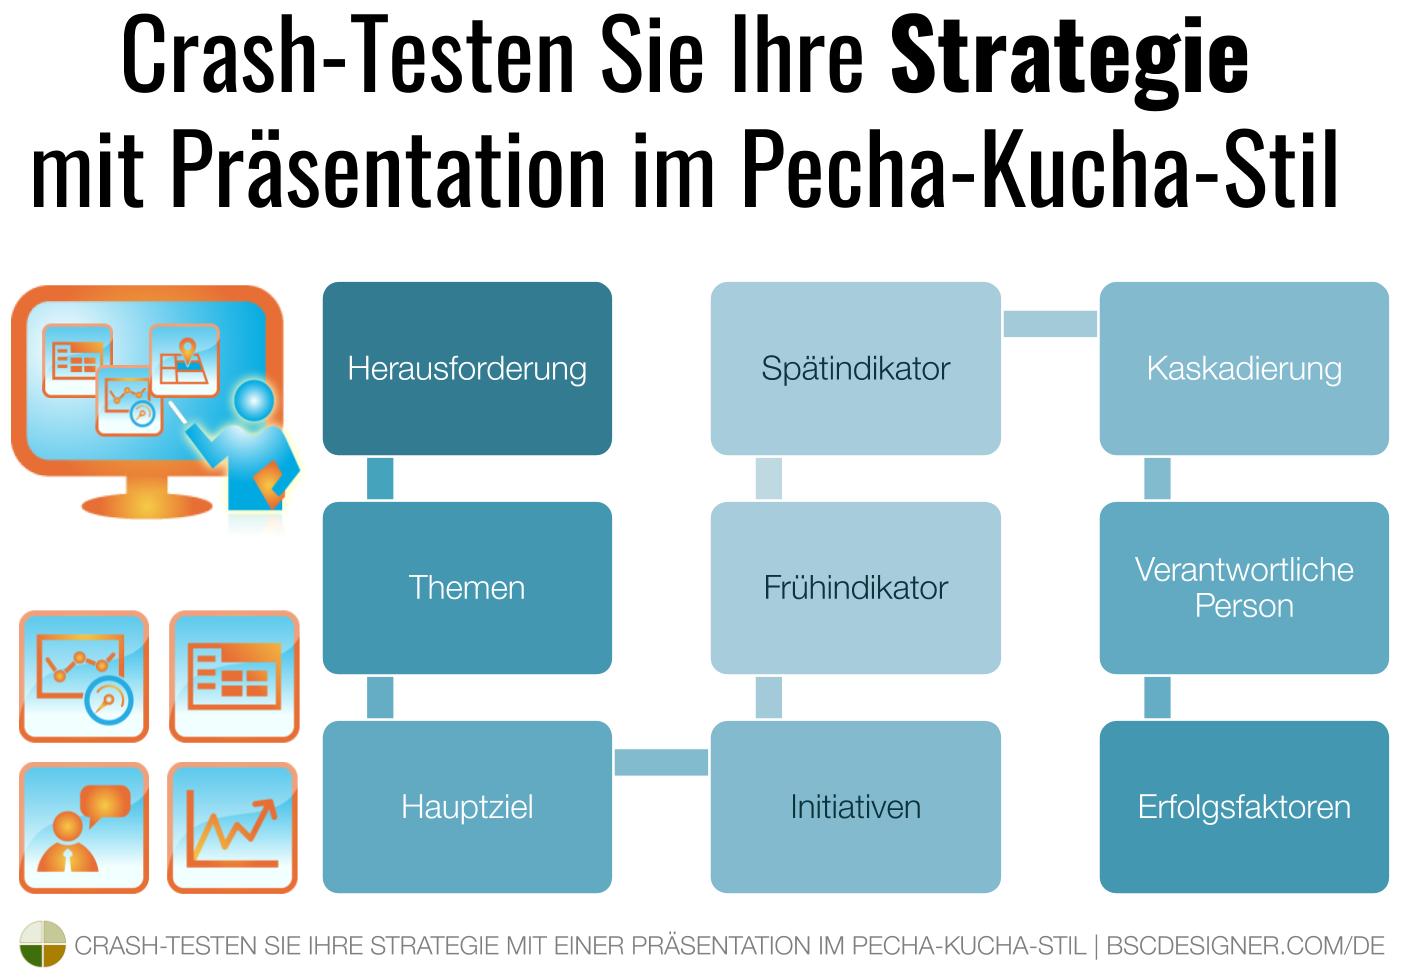 Testen Sie Ihre Strategie mit einer Präsentation im Pecha-Kucha-Stil